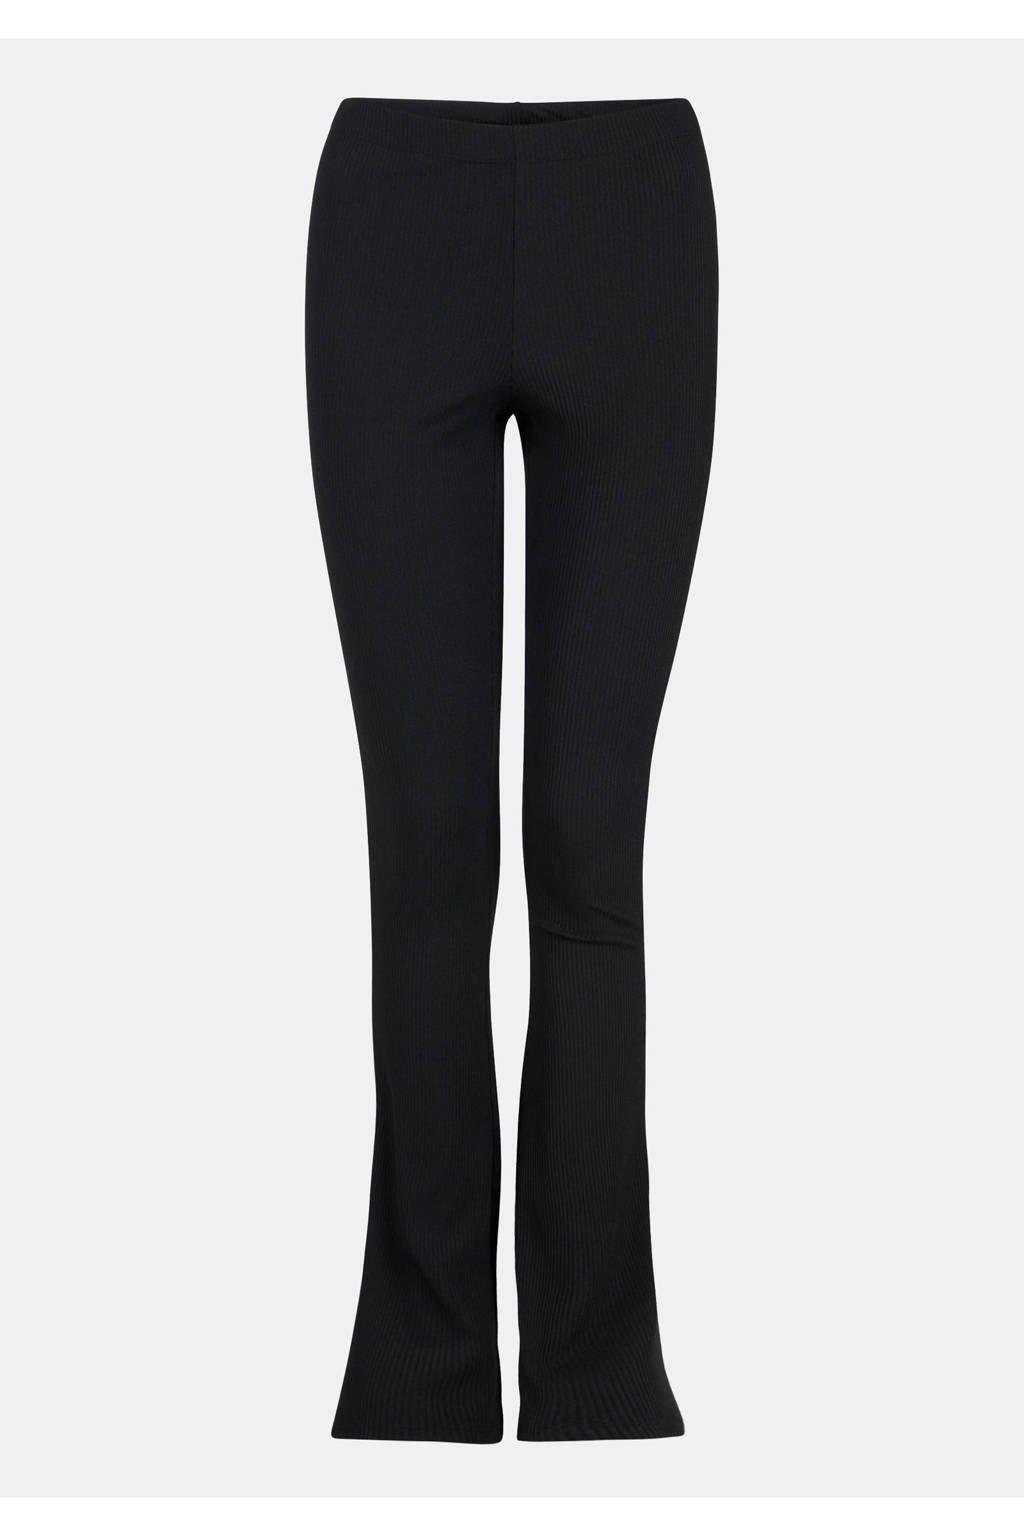 Eksept by Shoeby rib flared legging zwart, Zwart